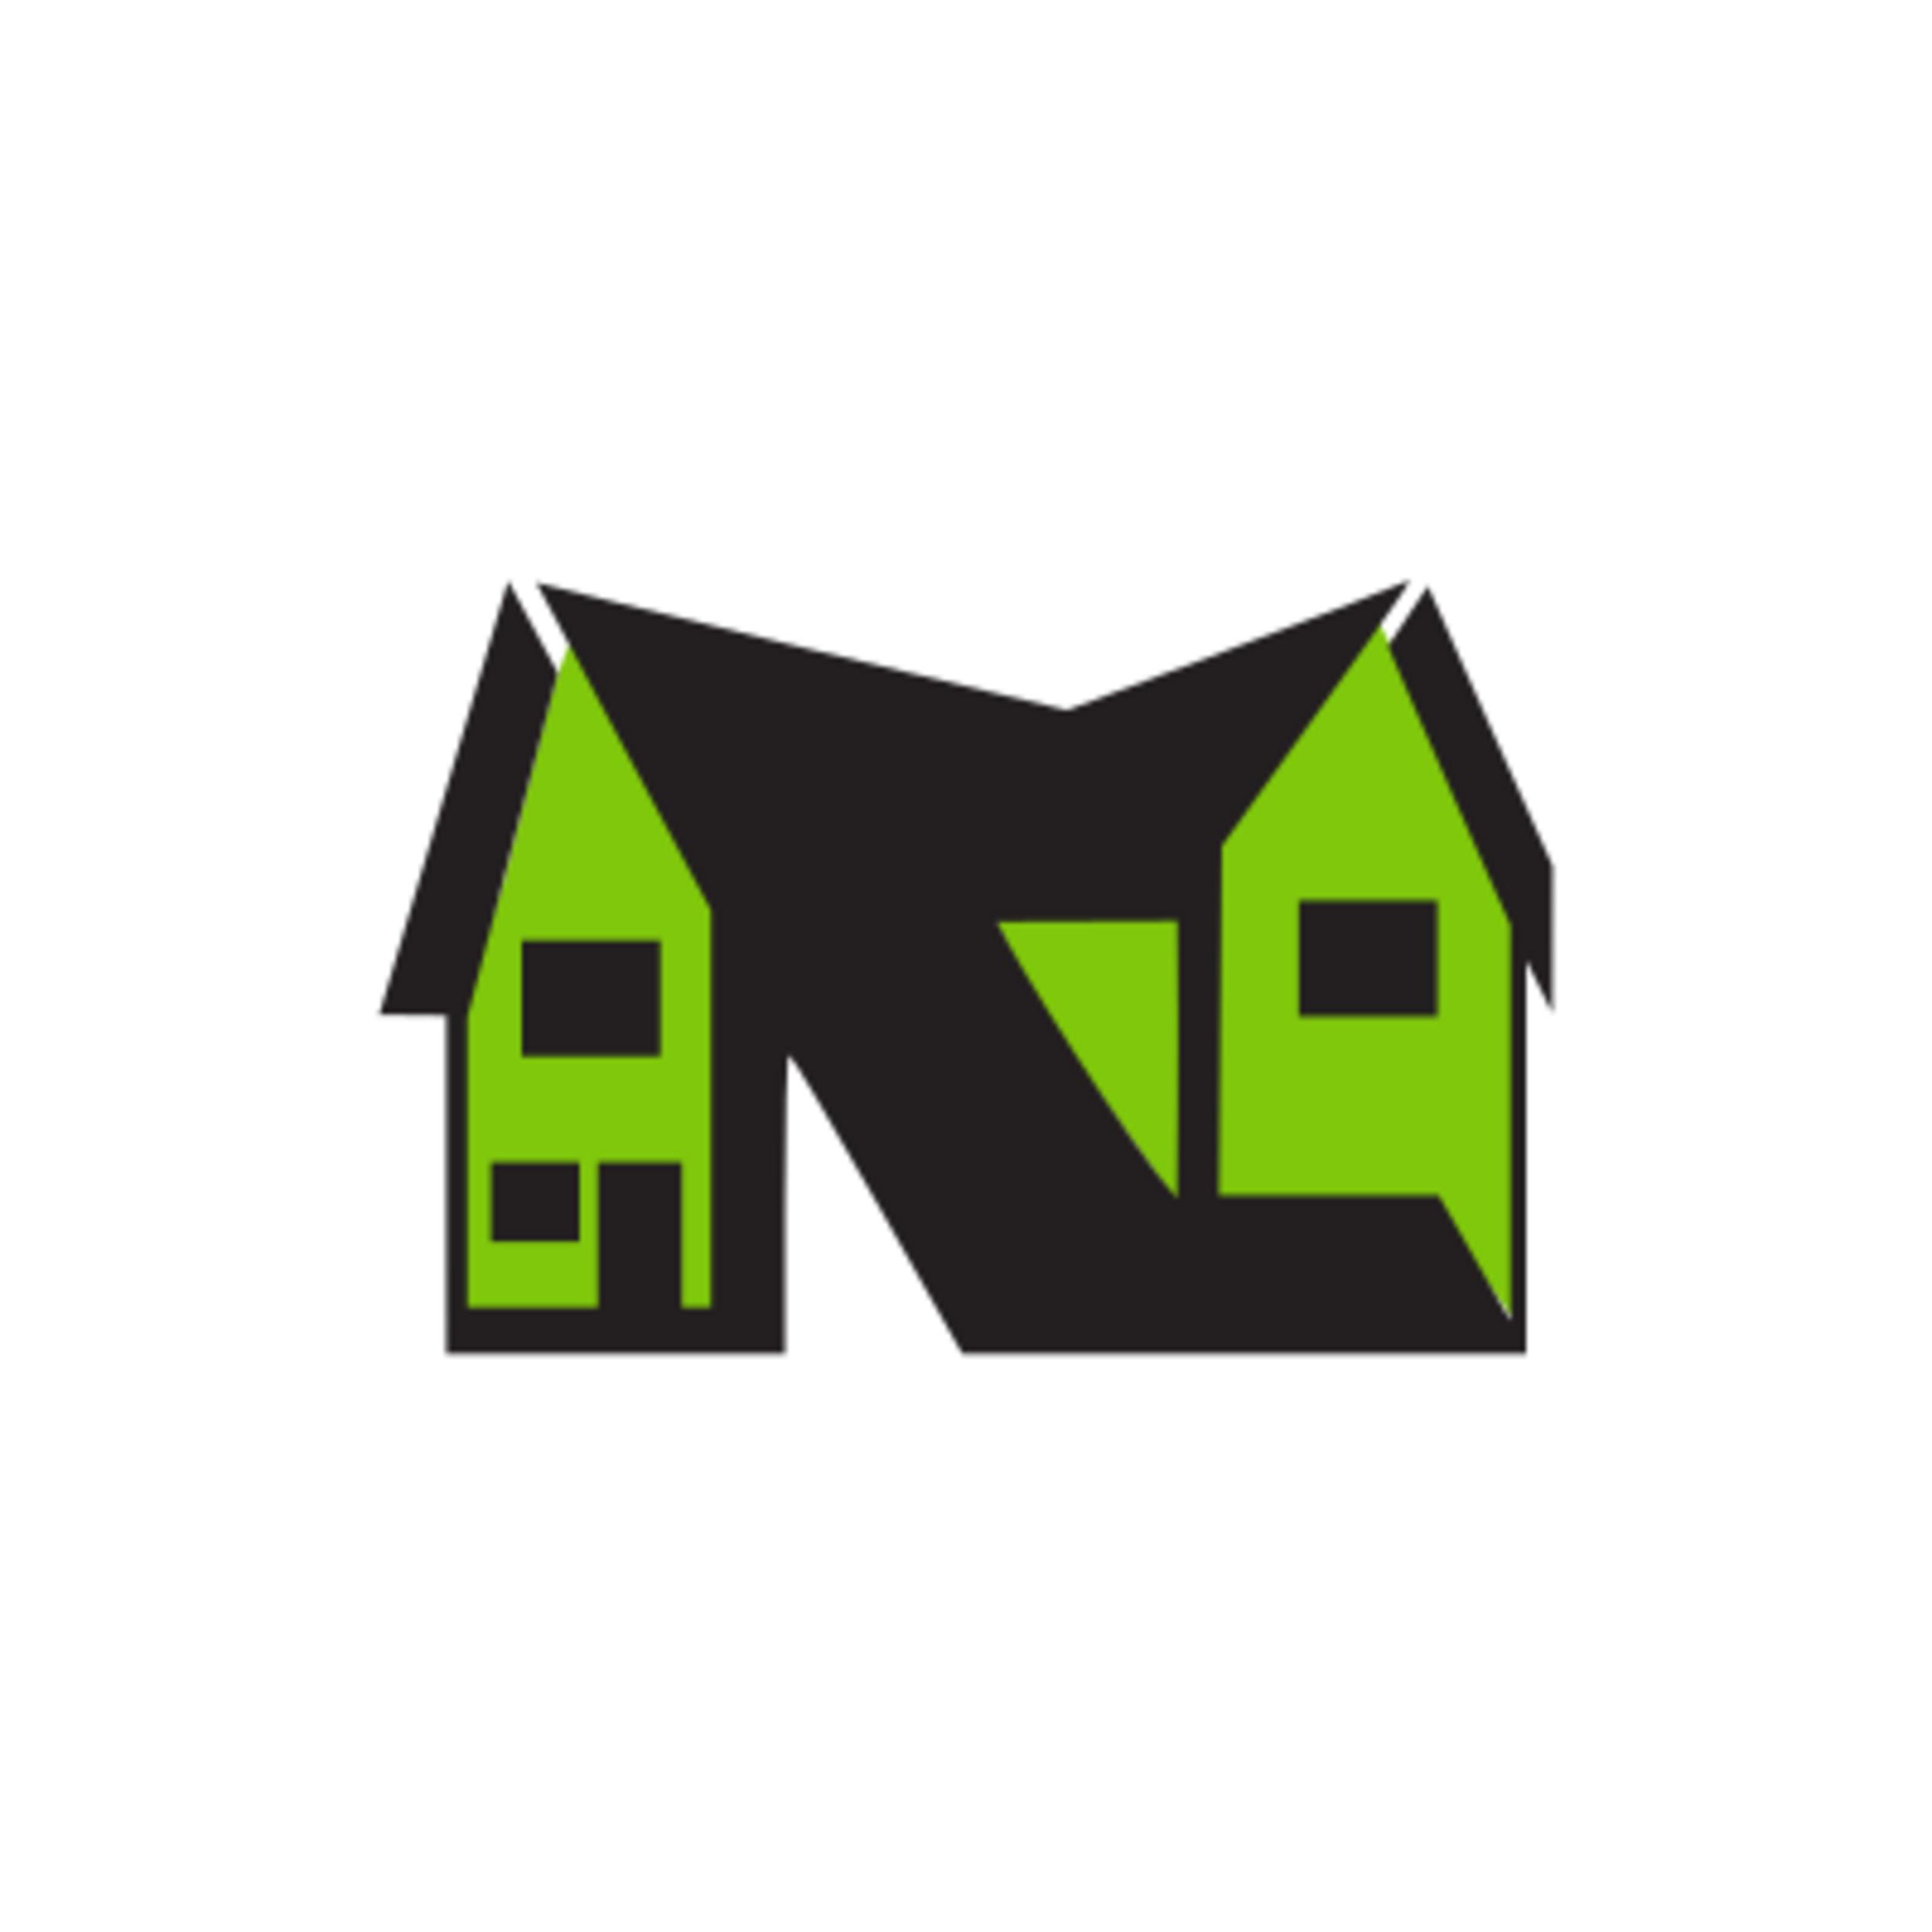 Protection de votre façade et de votre maison